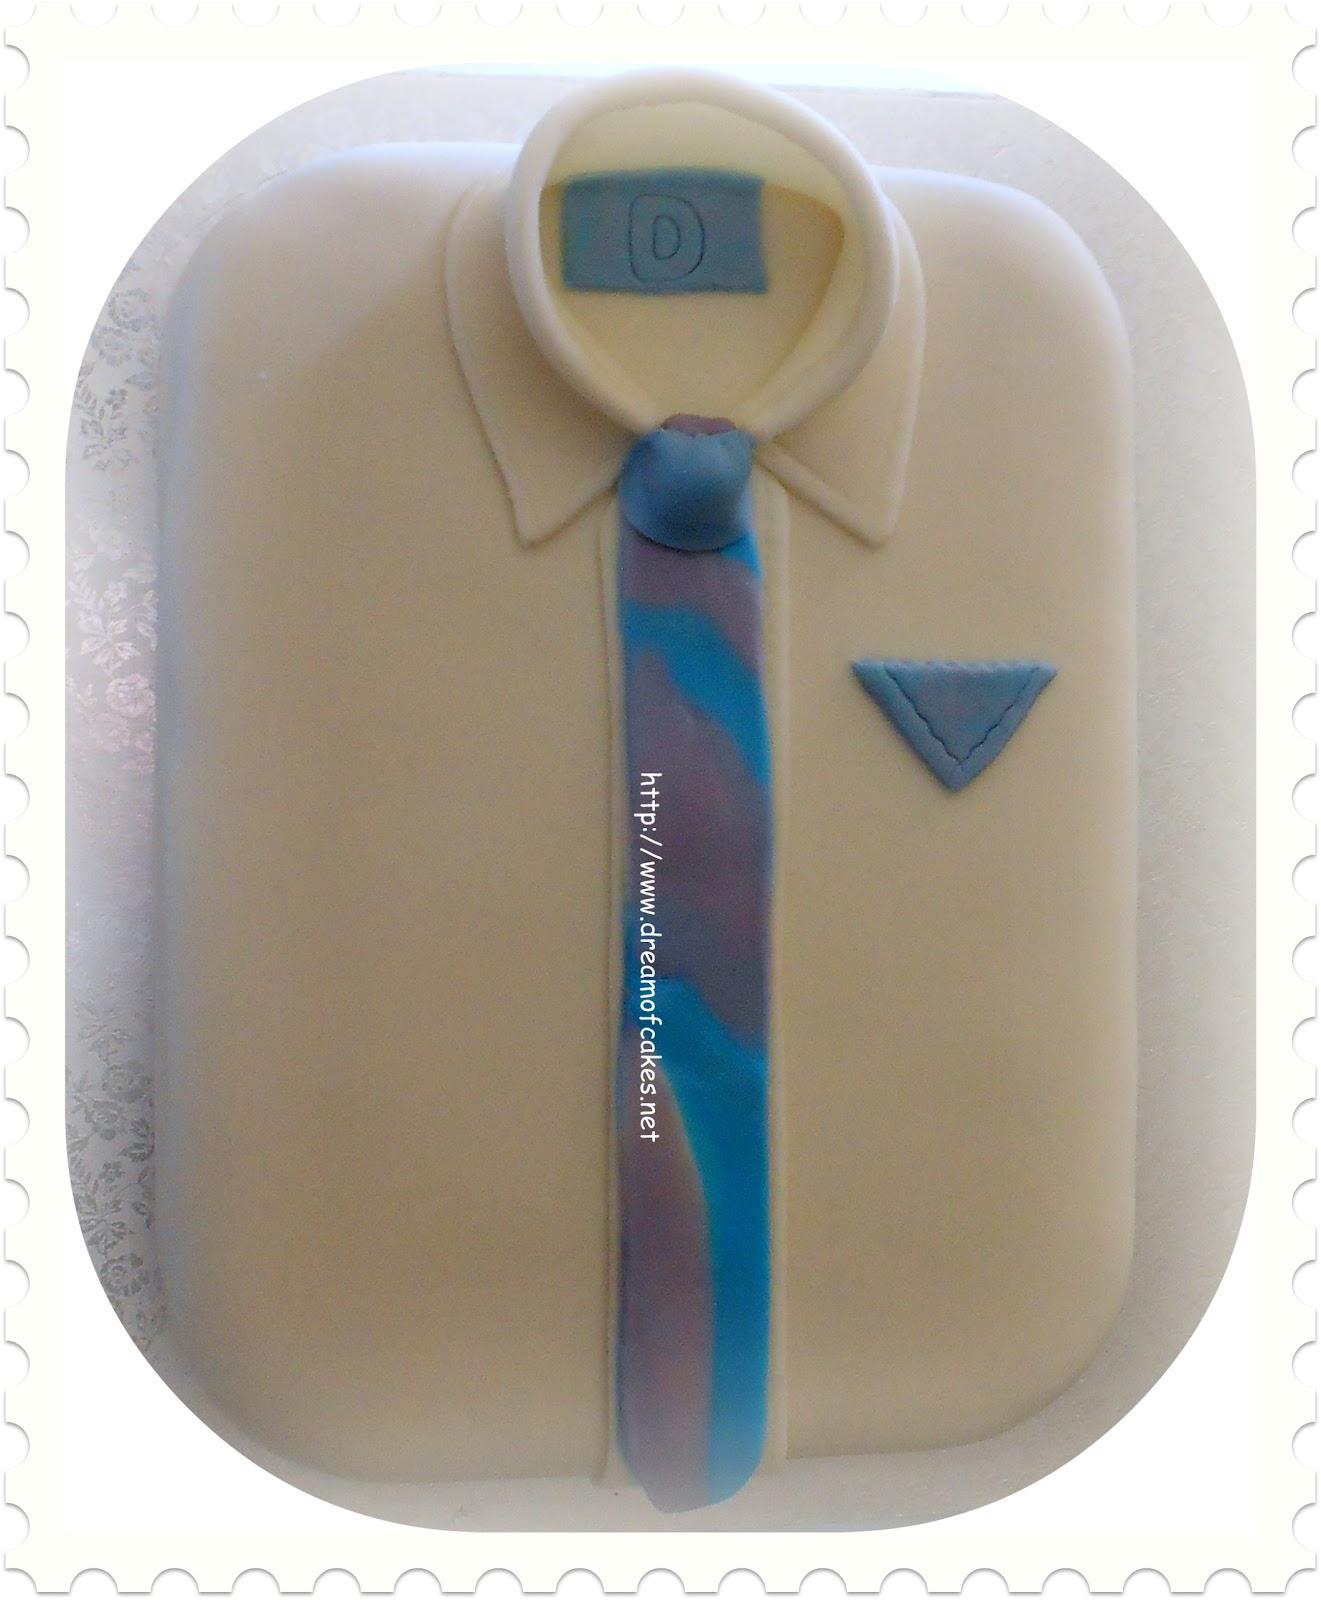 Dream Of Cakes Shirt And Tie Birthday Cake - Birthday cake shirt